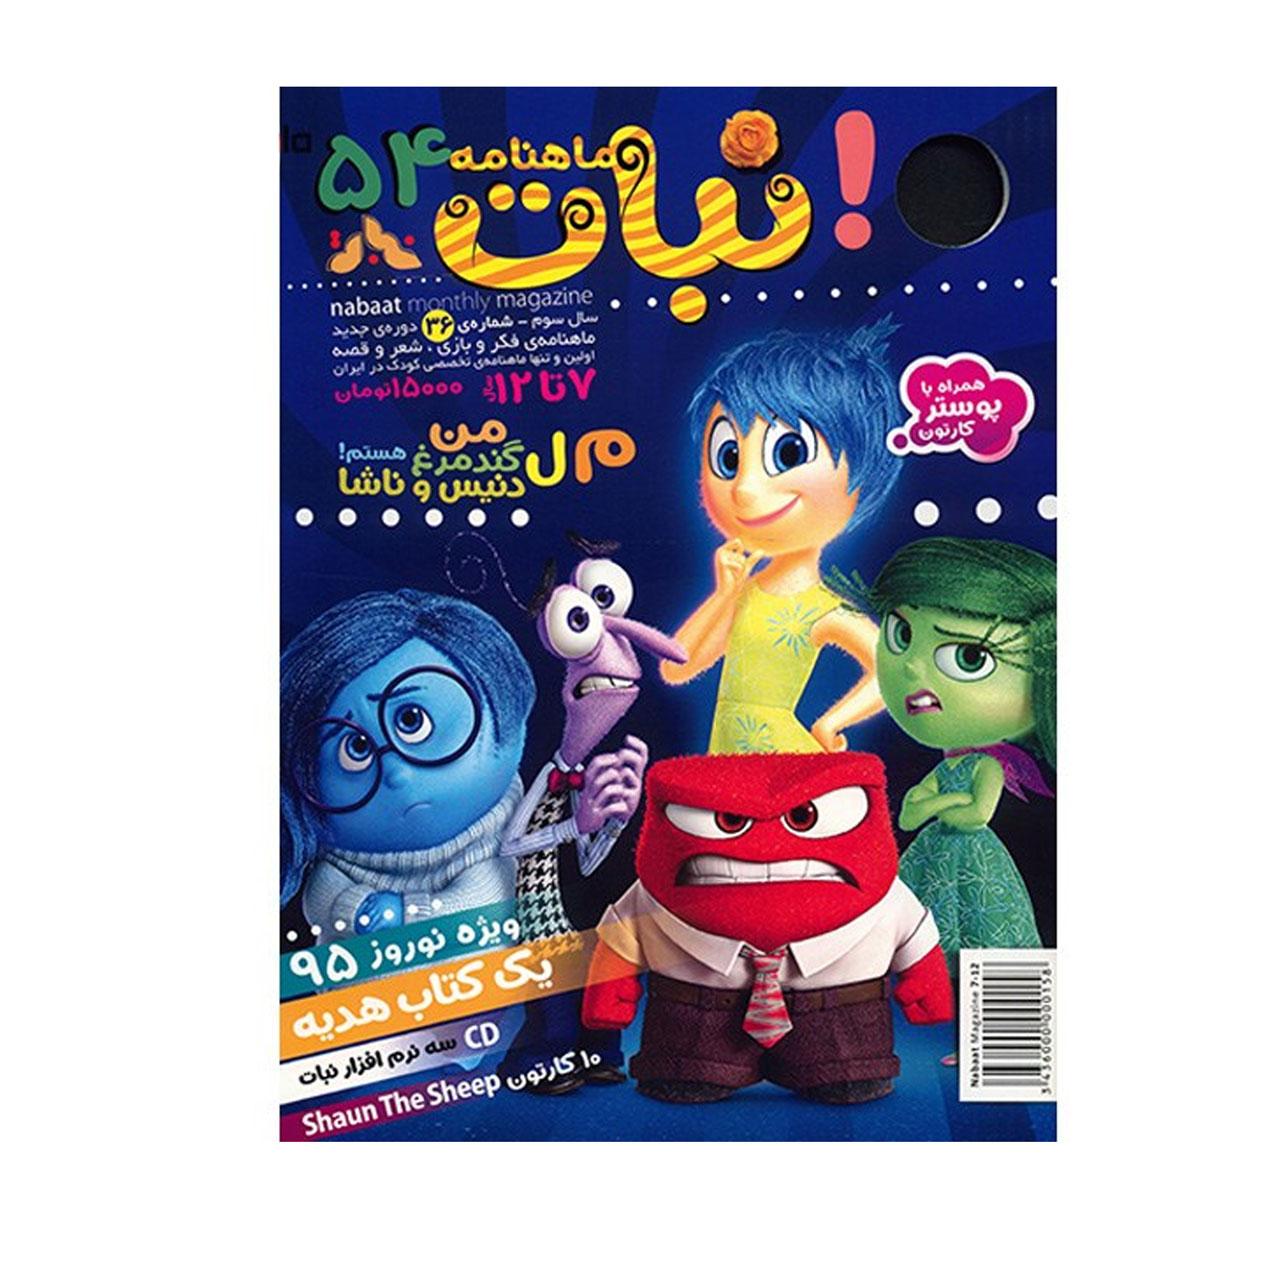 مجله نبات - شماره 54